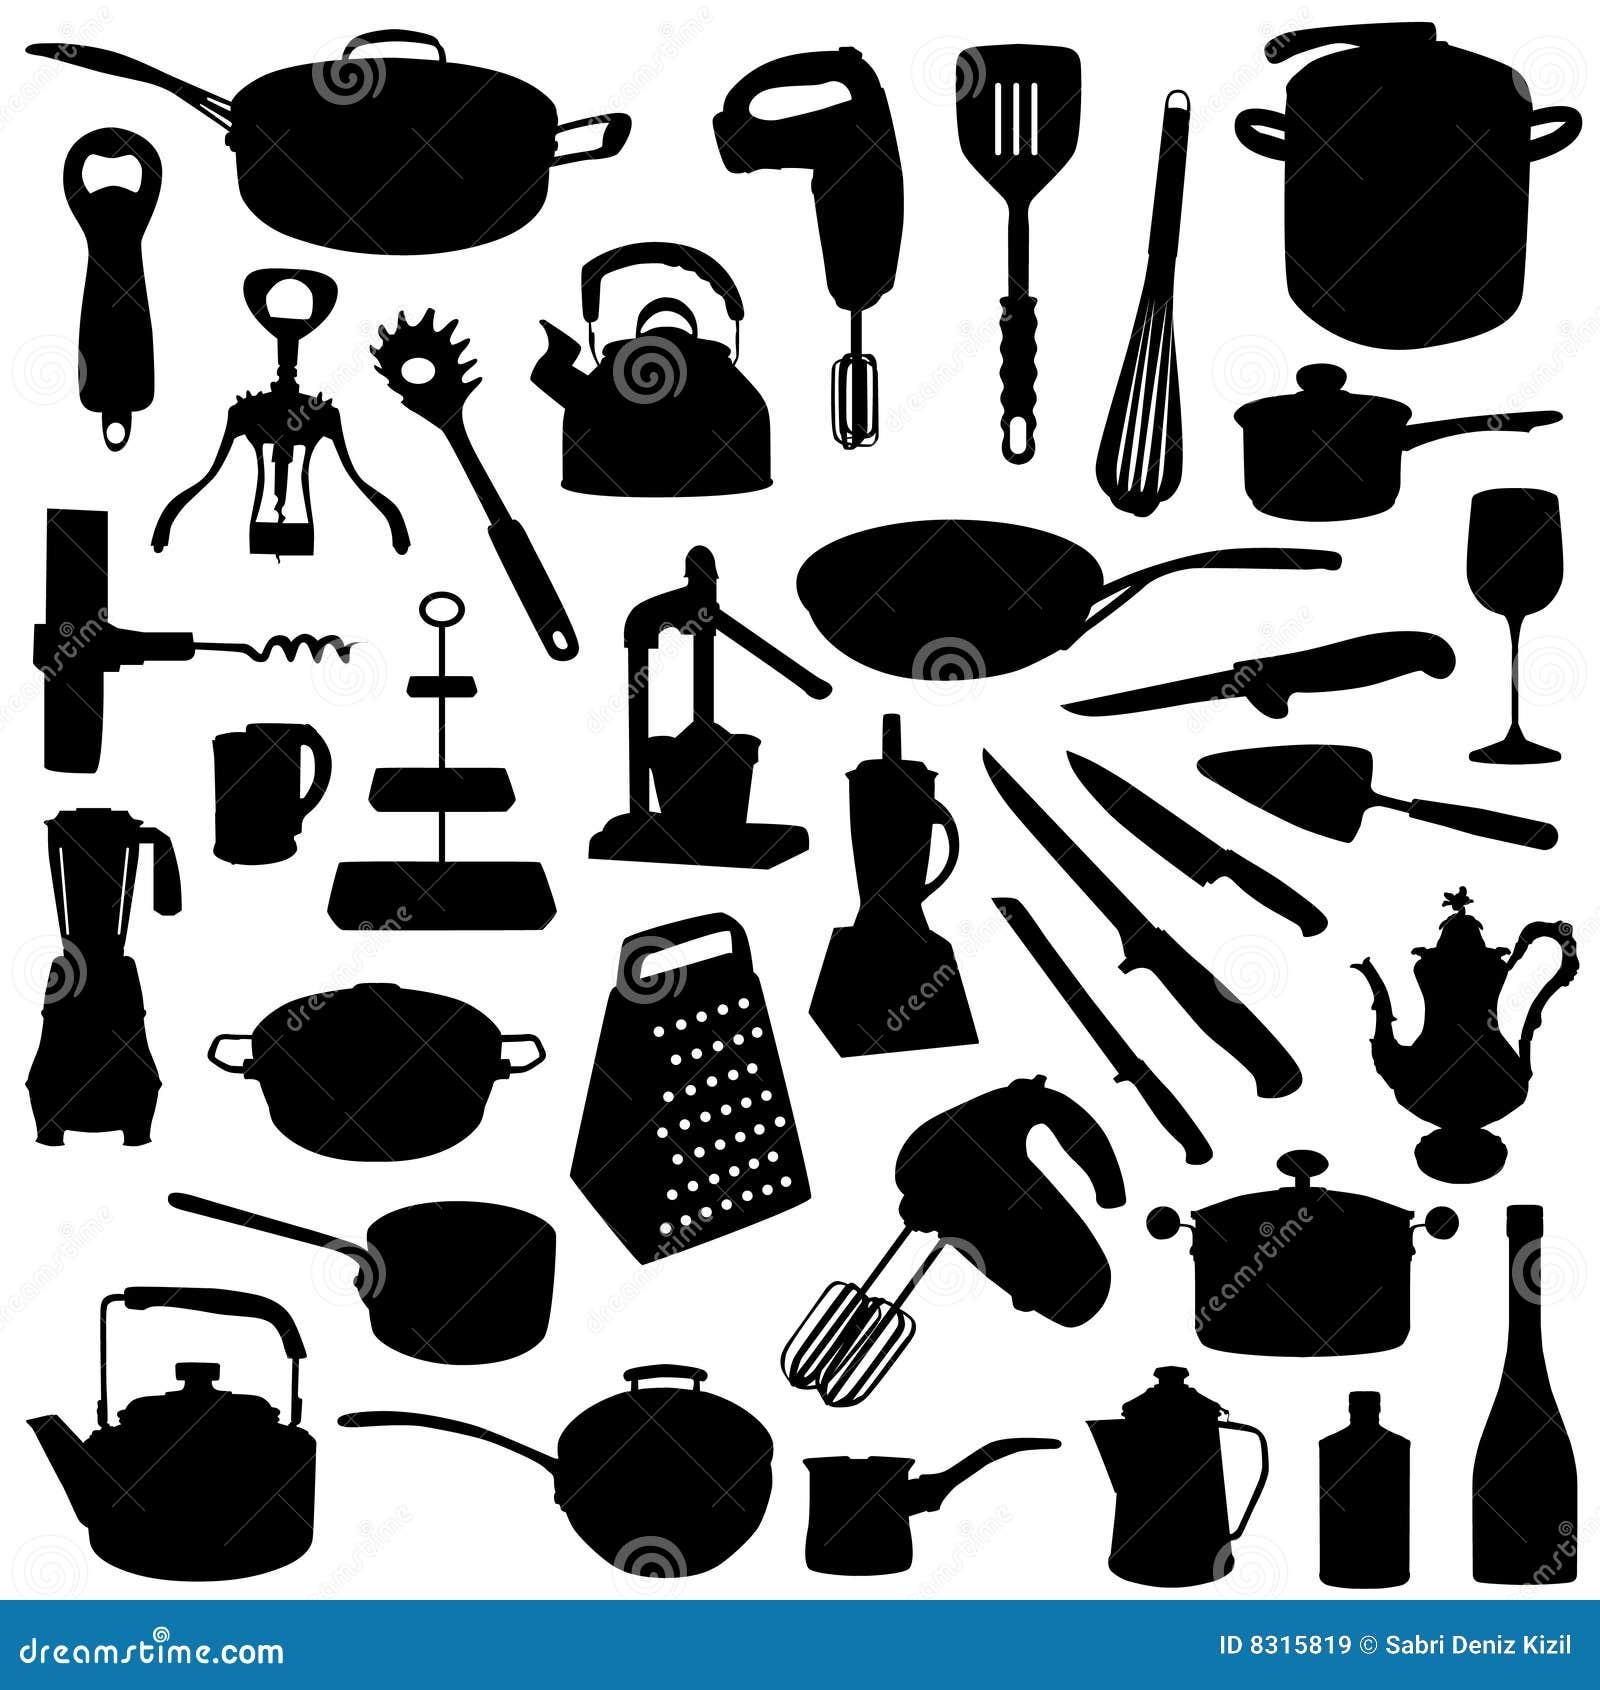 strumenti della cucina immagini stock libere da diritti On strumenti cucina